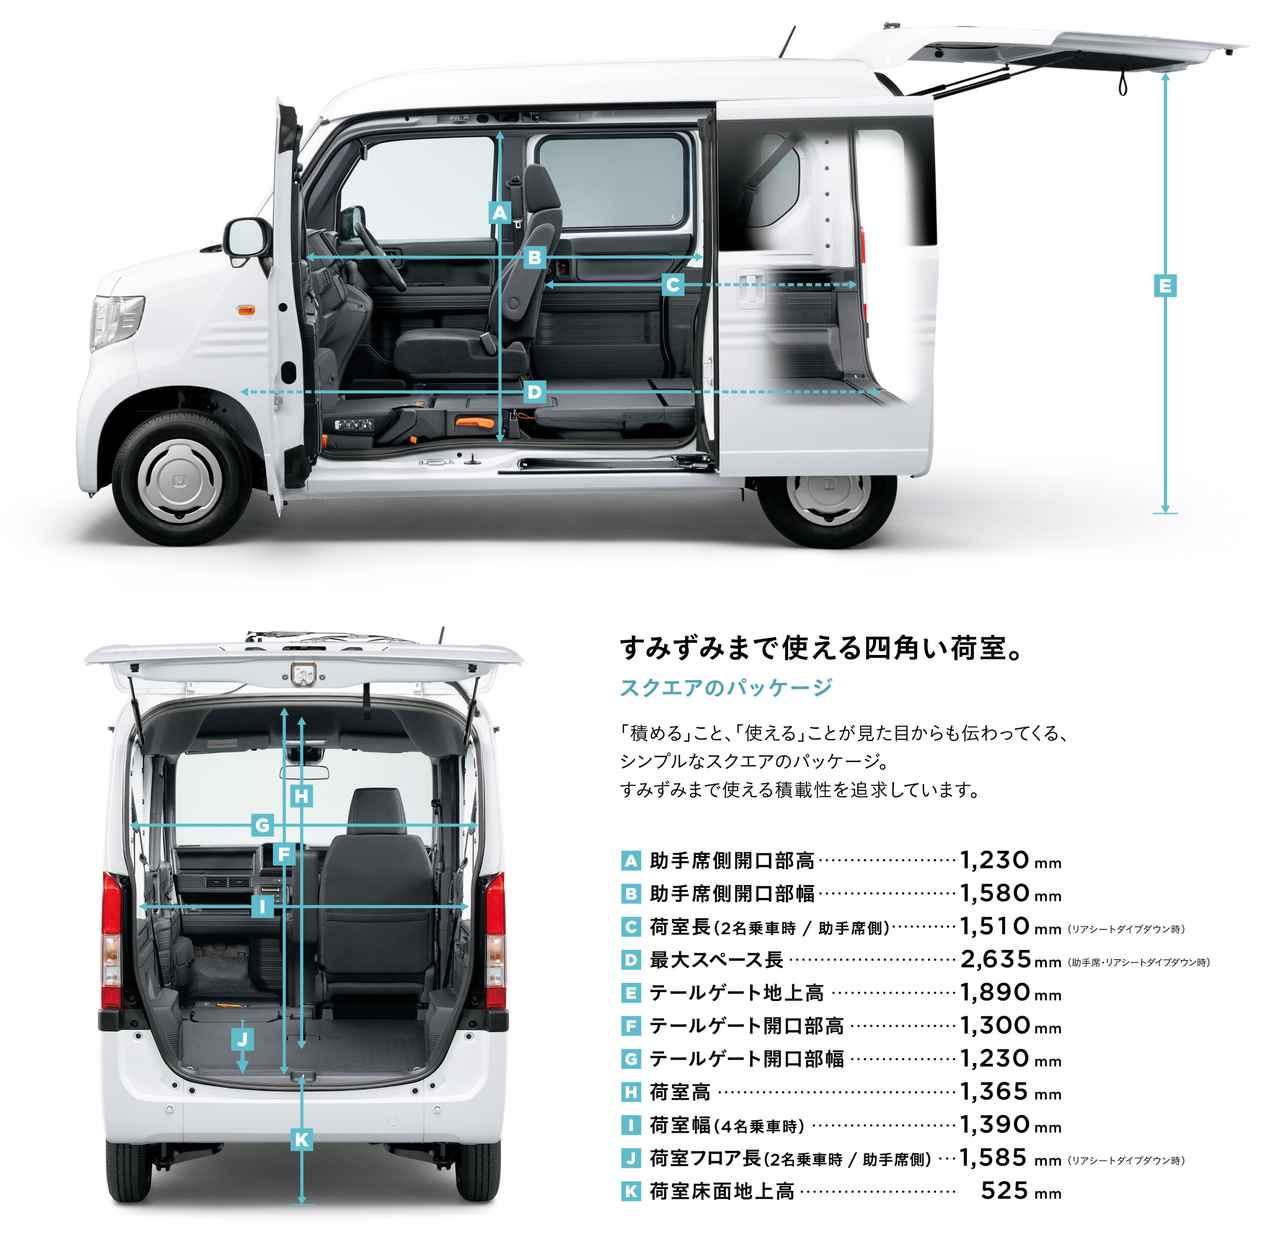 画像2: 「Honda SENSING」が全グレードで標準装備に